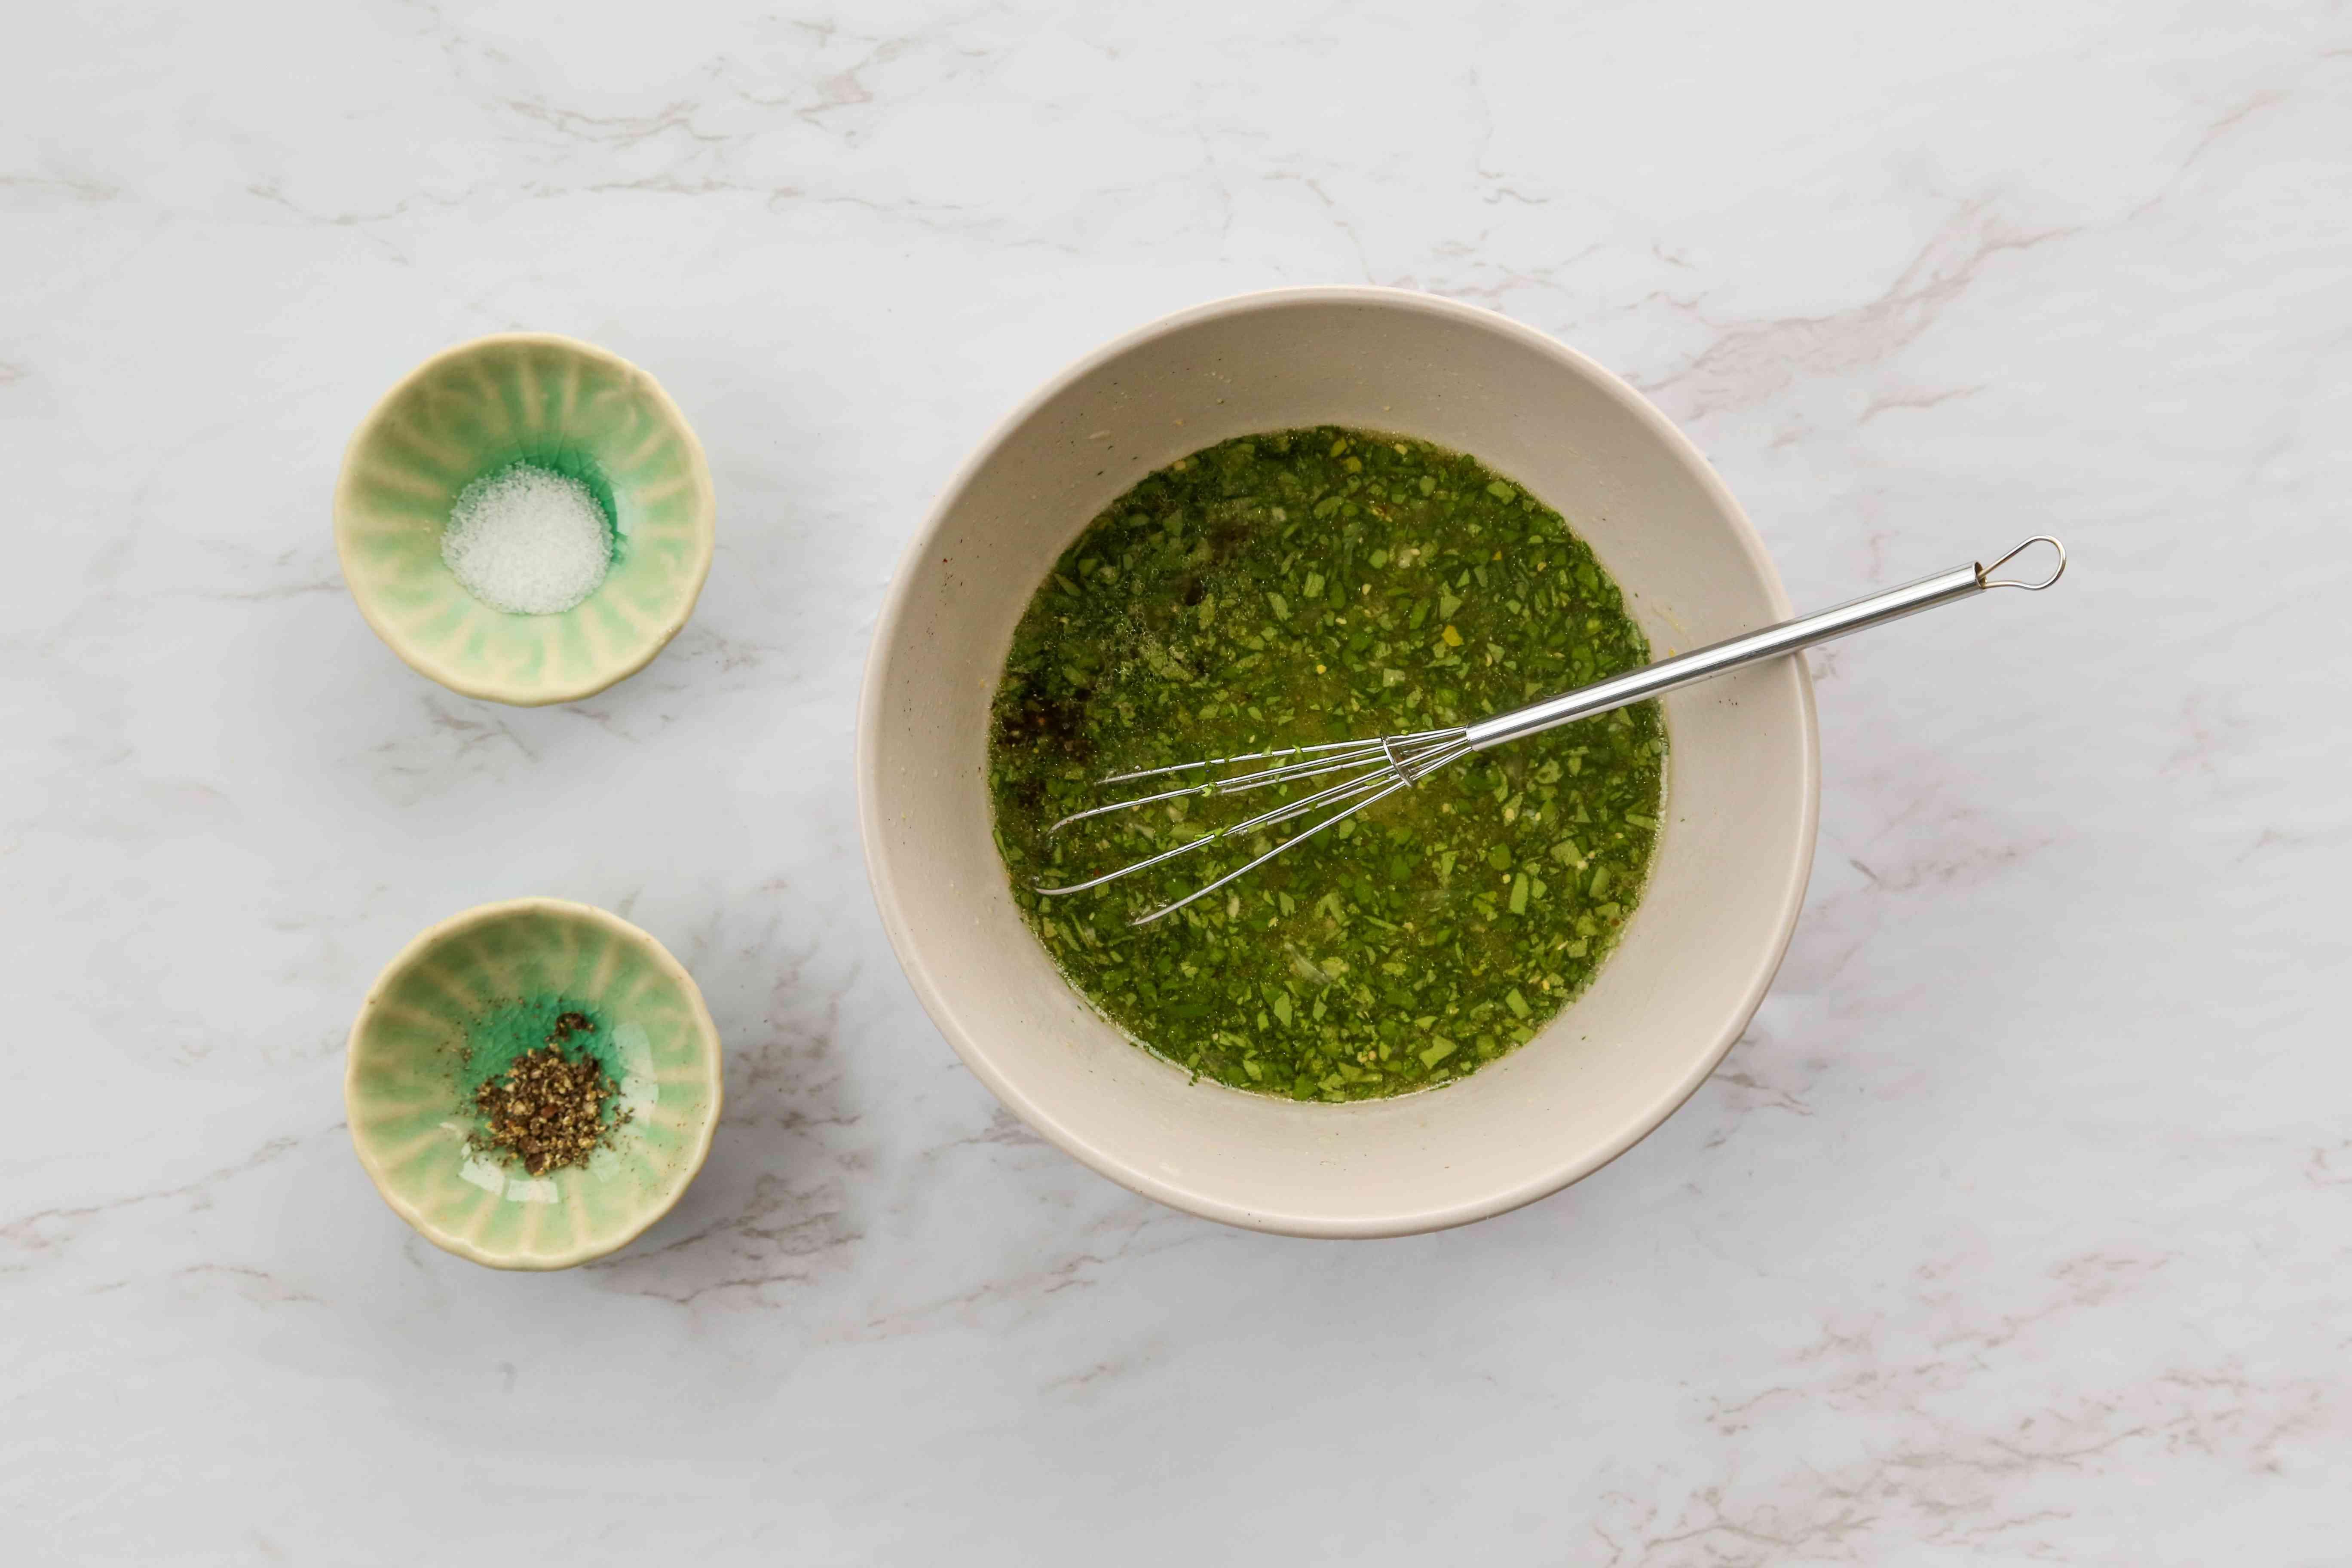 Vegan Lemon Vinaigrette Dressing in a bowl